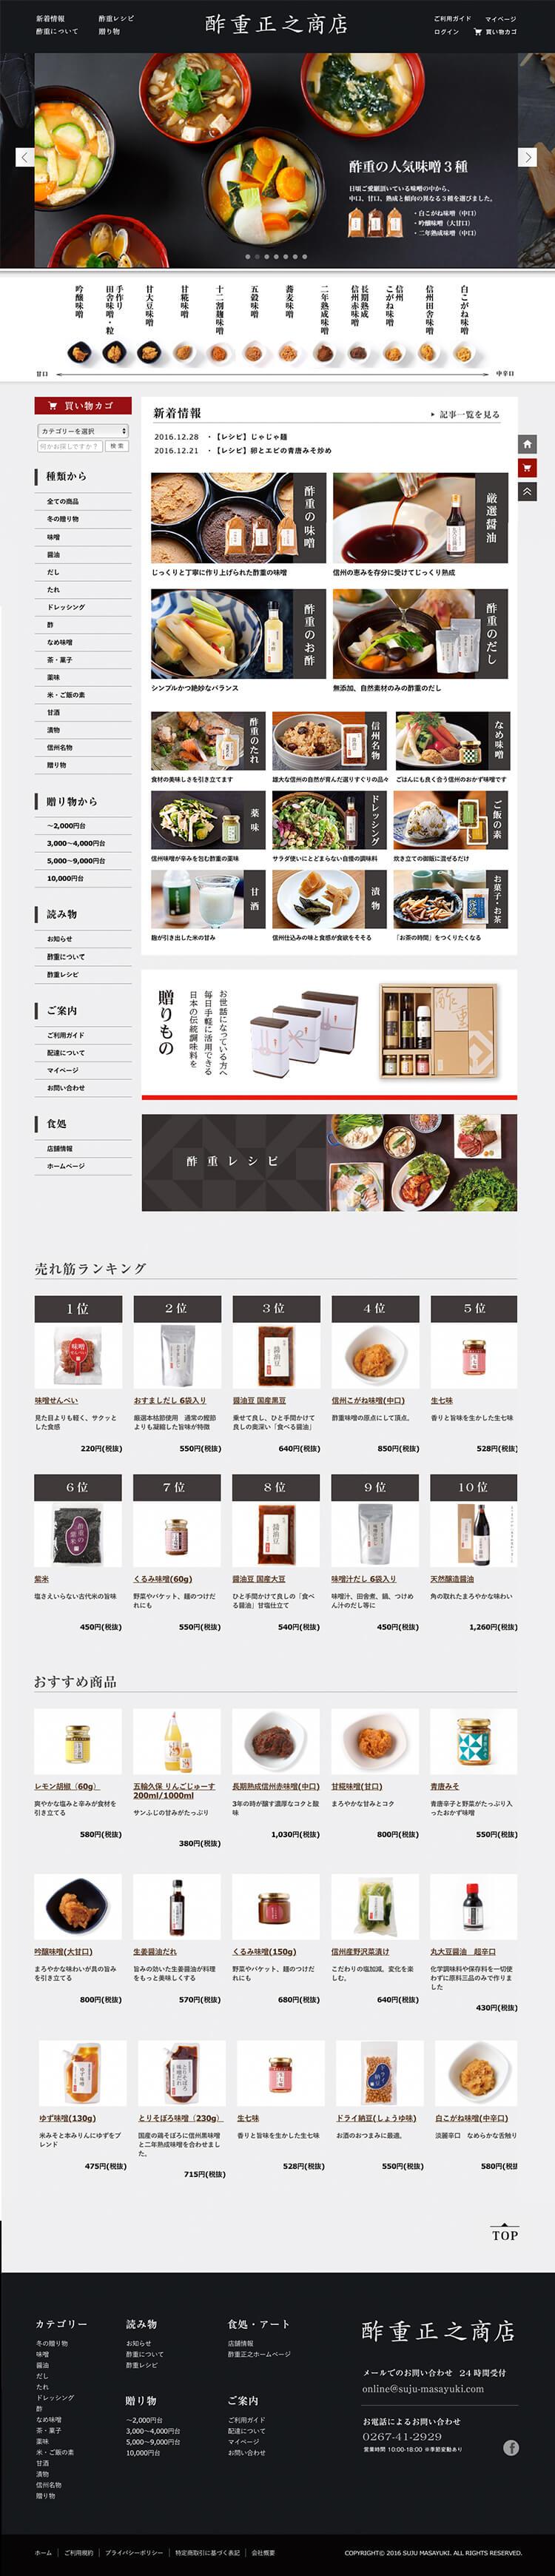 酢重オンライン商店のデザイン